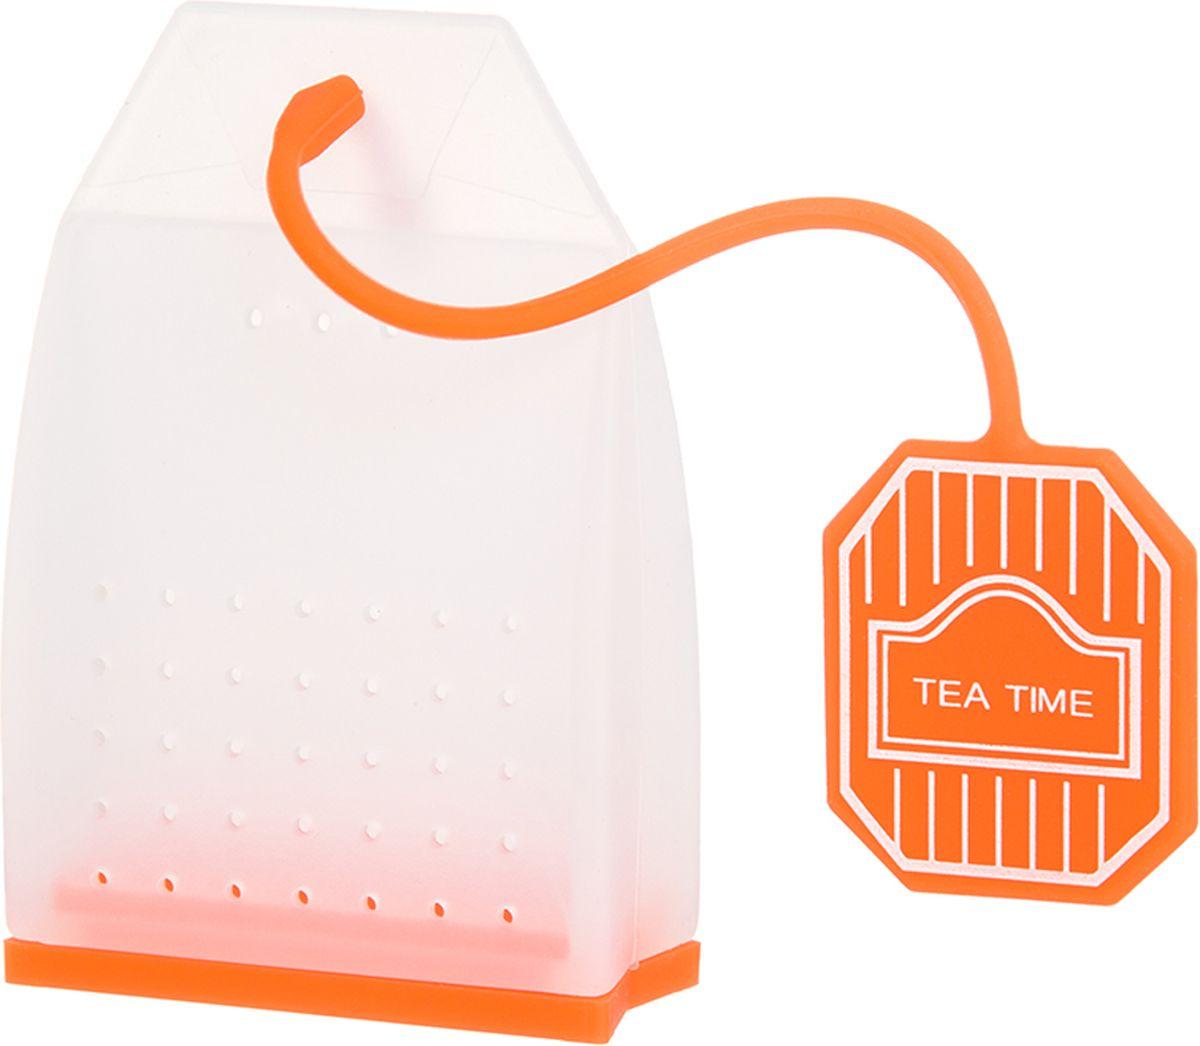 Ситечко для чая Elan Gallery Пакетик, цвет: белый, оранжевый, 4,5 х 6,7 х 2 см900061Силиконовое ситечко для заварки чая и трав прекрасно подойдет всем любителям чая. Ситечко довольно вместительное, с удобным силиконовым шнурком. Размер 4х3,3х5 см.